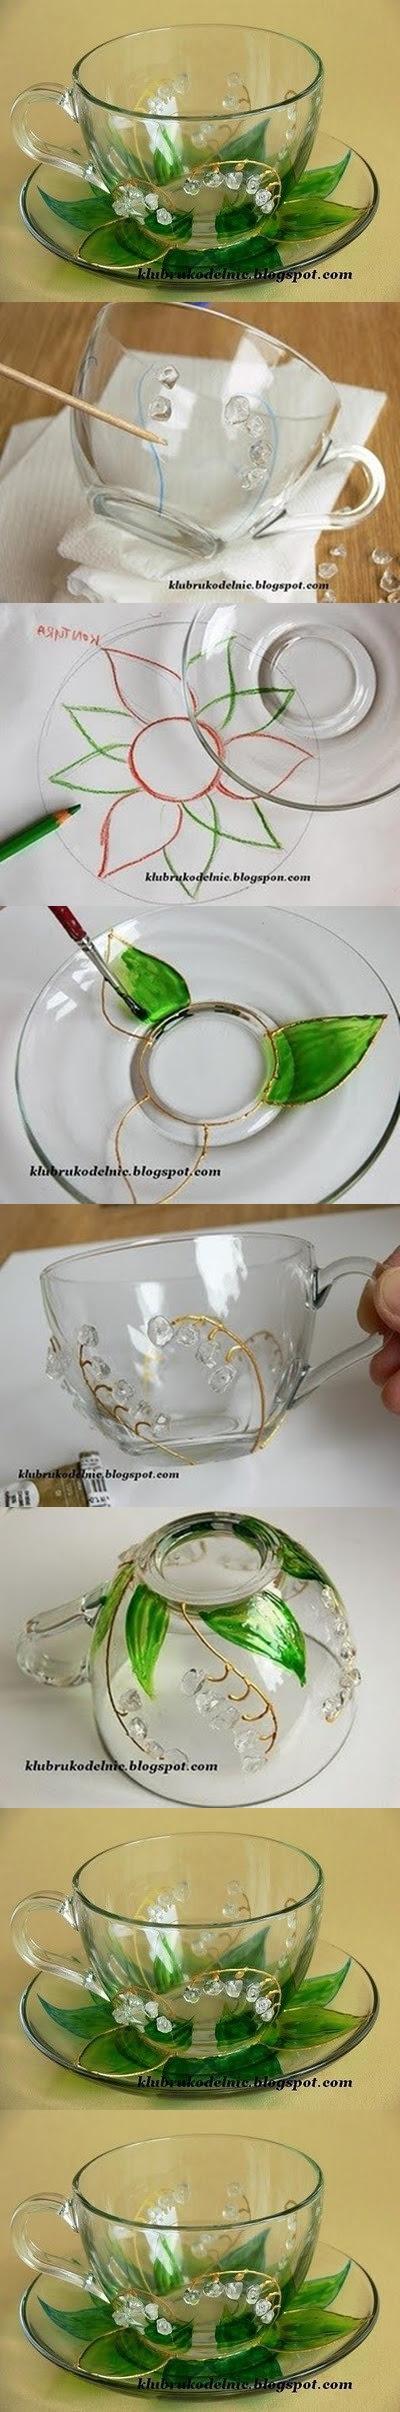 glass art tutorial